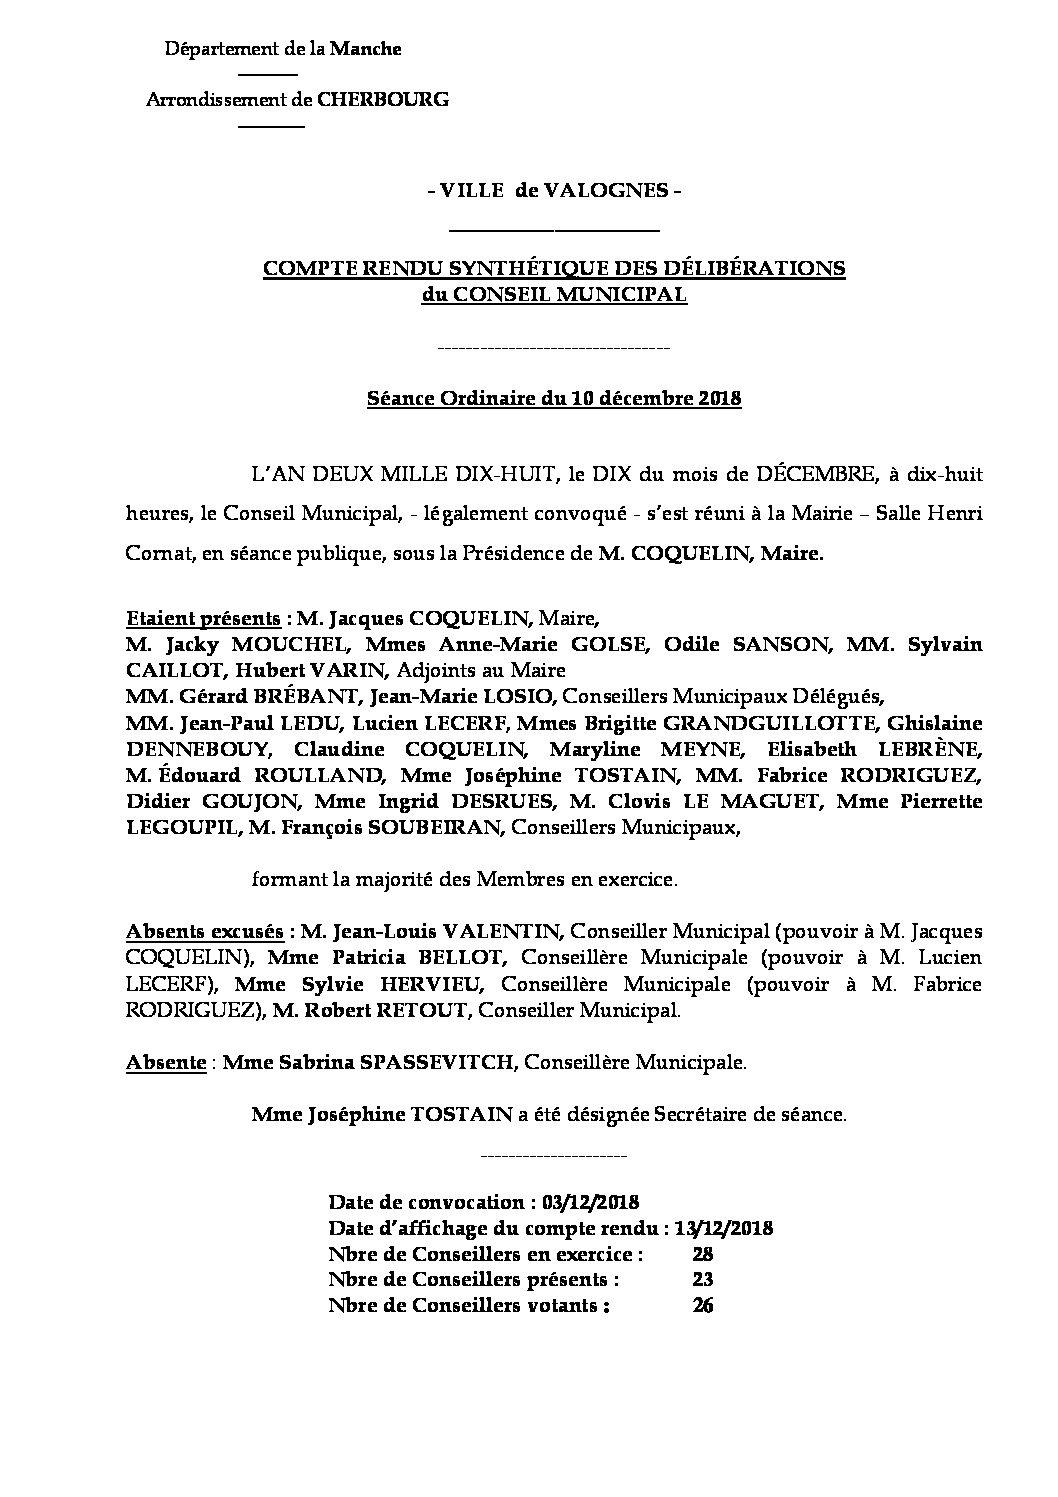 Compte rendu de Conseil Municipal - Compte rendu synthétique des questions soumises à délibération lors de la séance du Conseil Municipal du 10 décembre 2018.